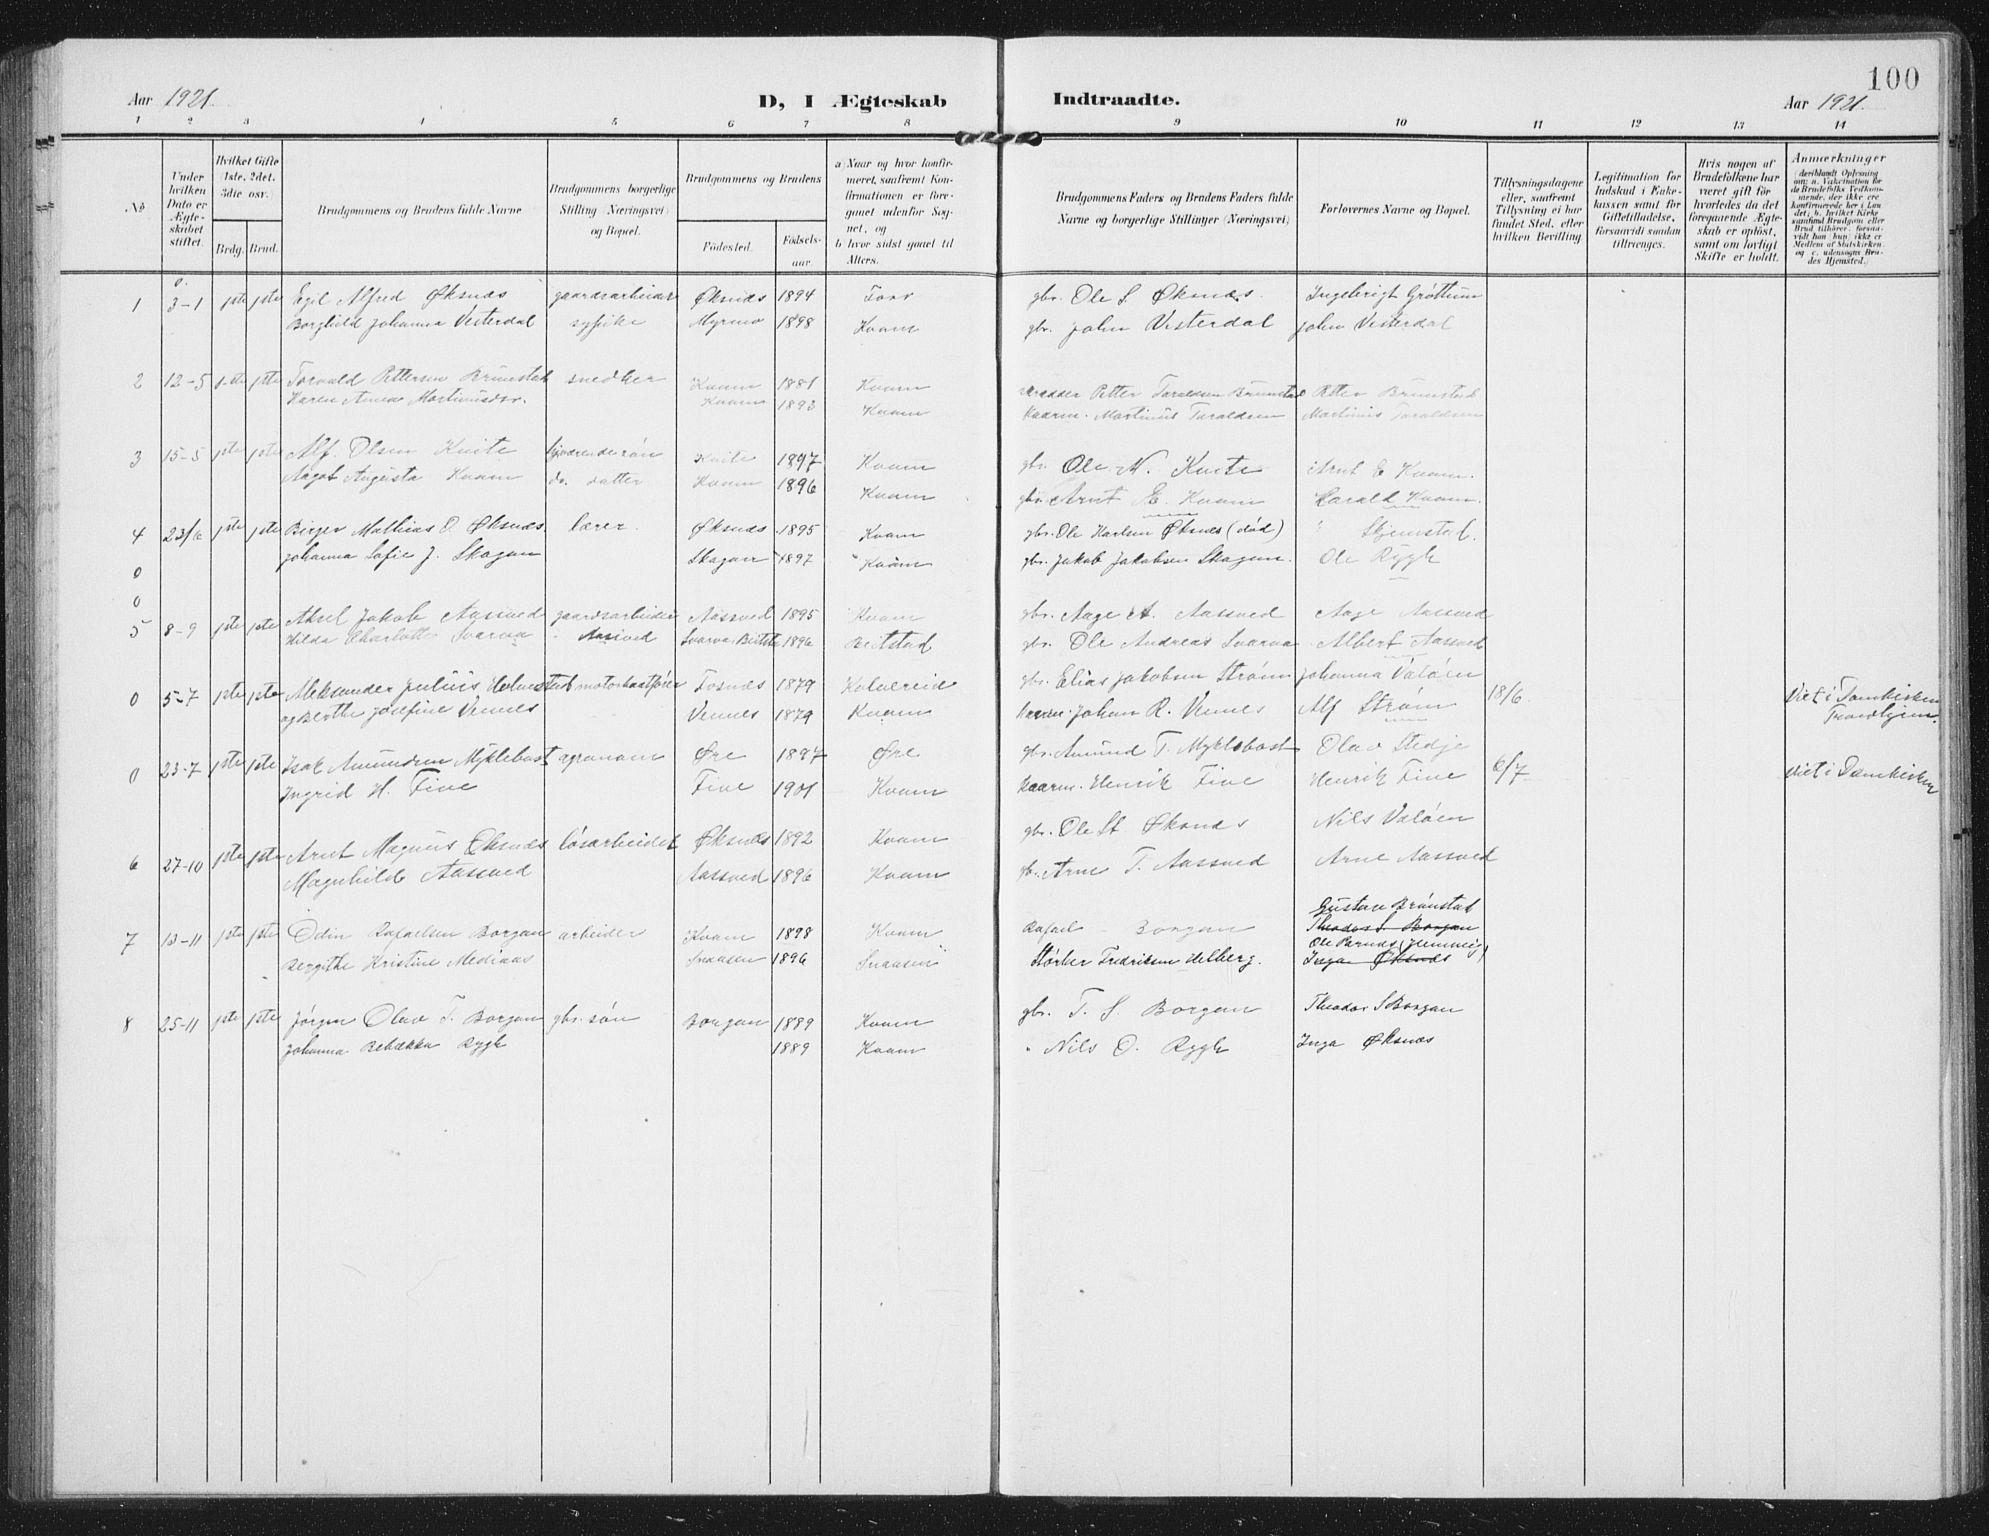 SAT, Ministerialprotokoller, klokkerbøker og fødselsregistre - Nord-Trøndelag, 747/L0460: Klokkerbok nr. 747C02, 1908-1939, s. 100